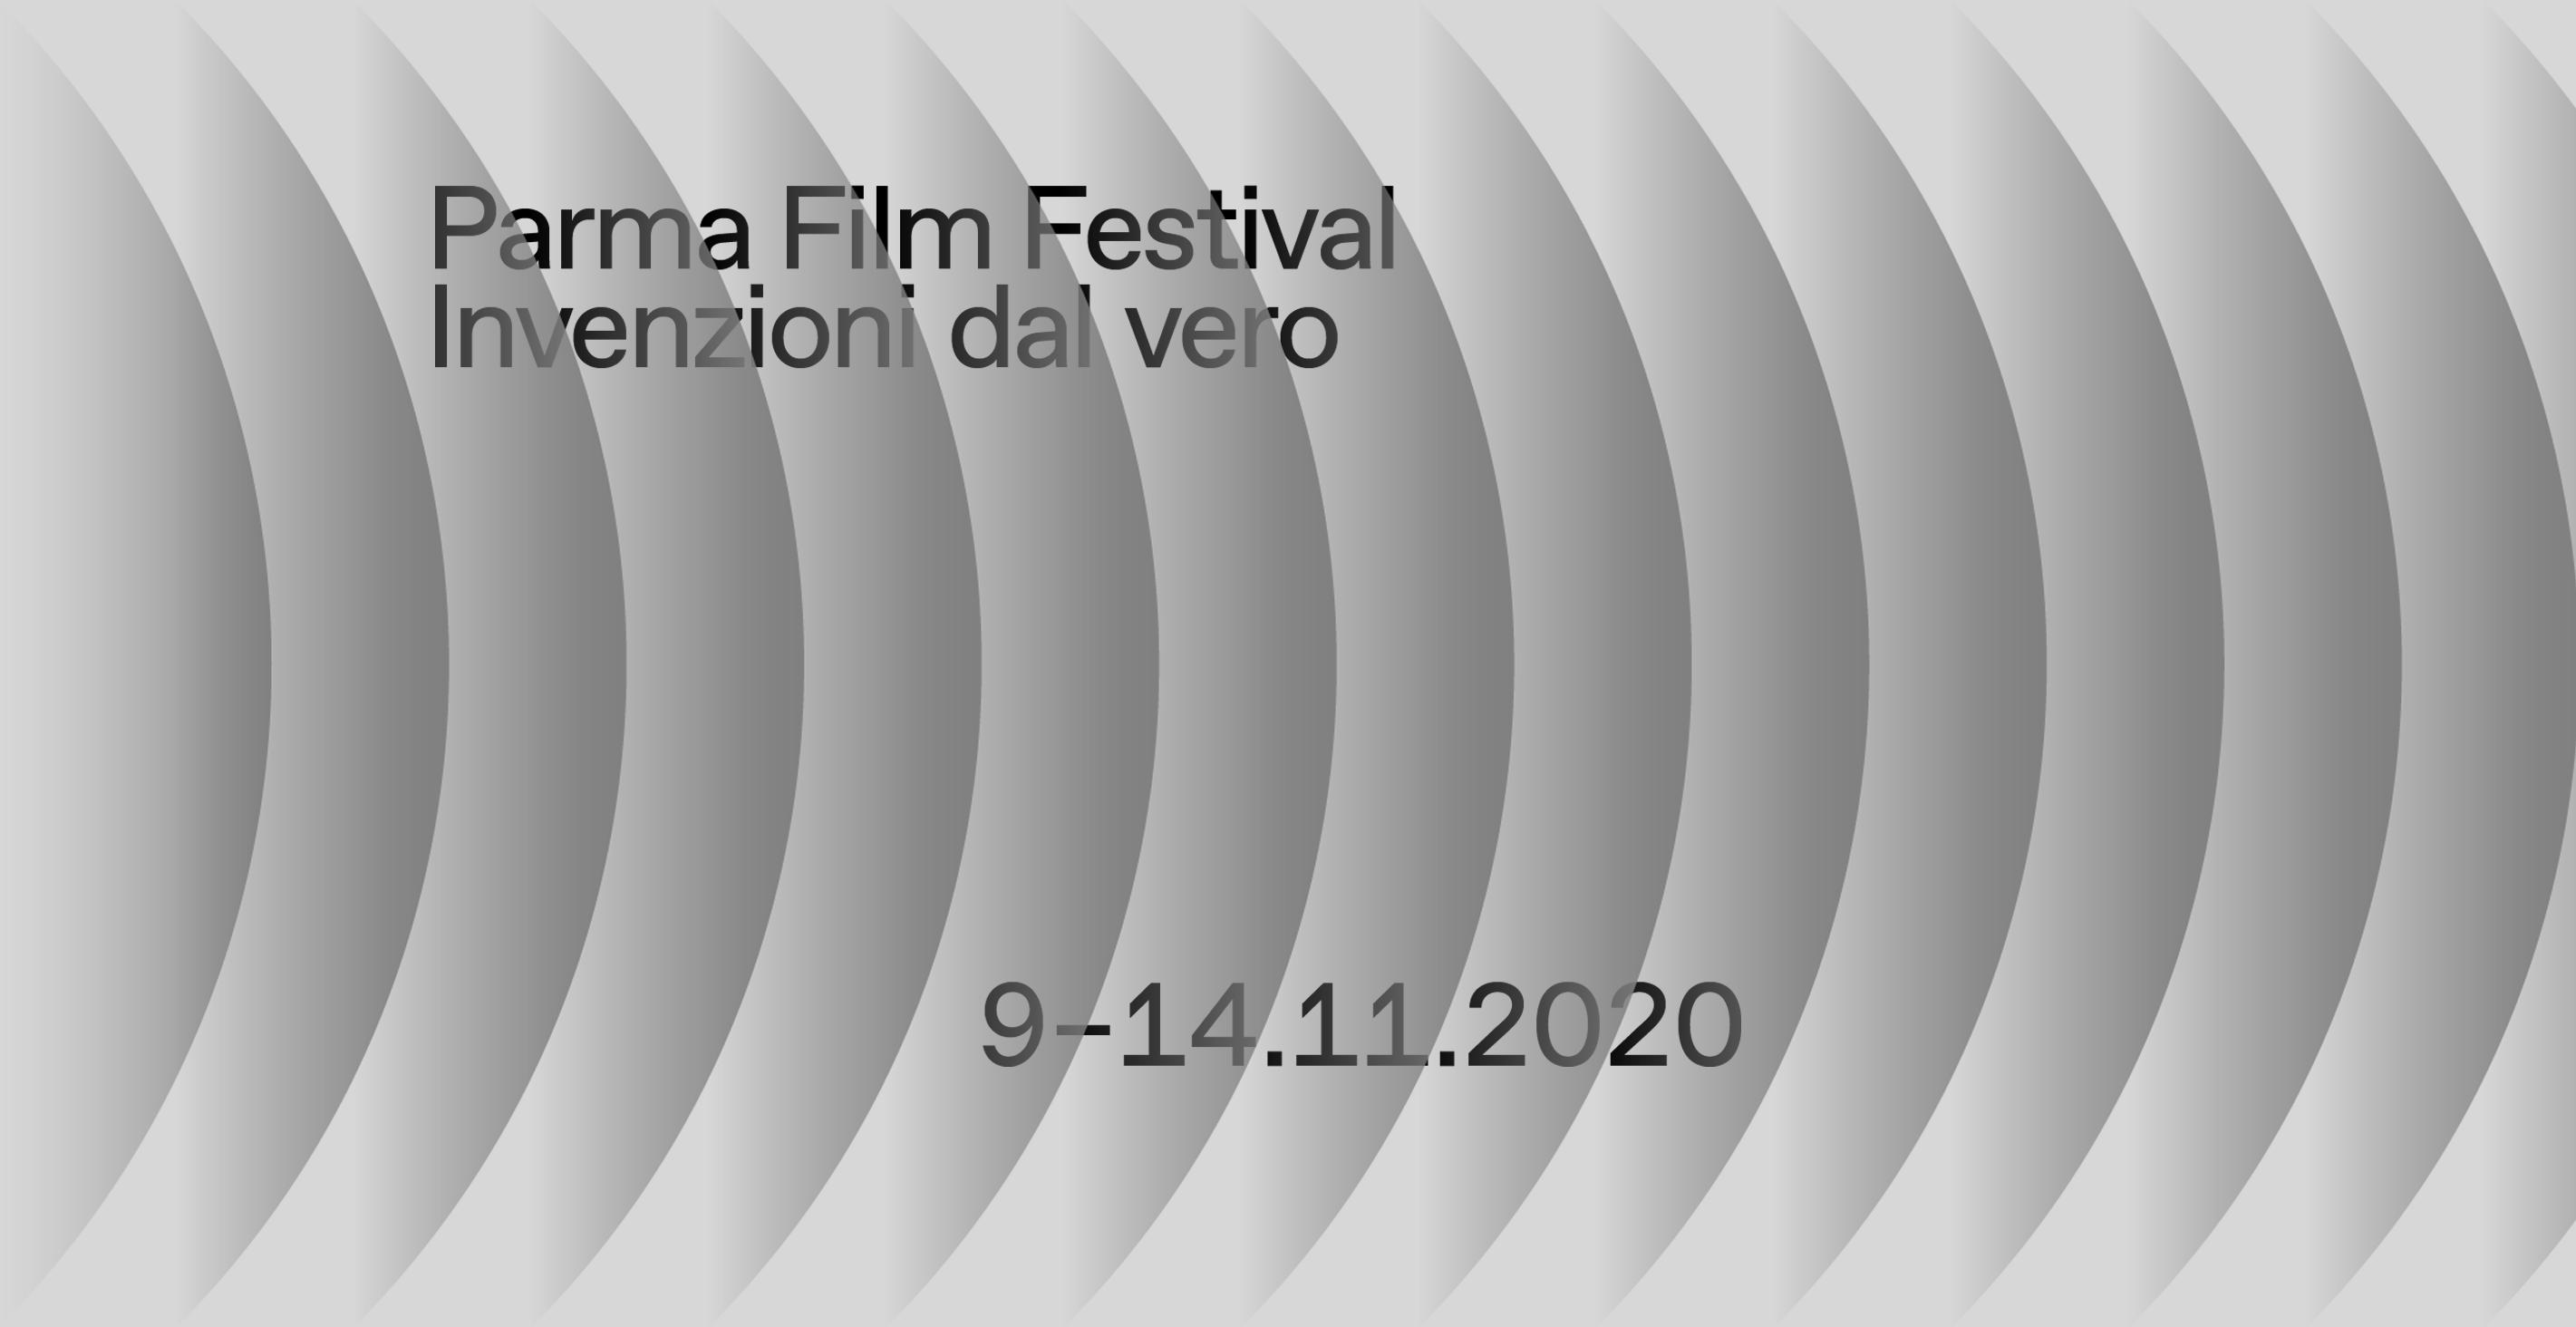 PARMA FILM FESTIVAL – INVENZIONI DAL VERO